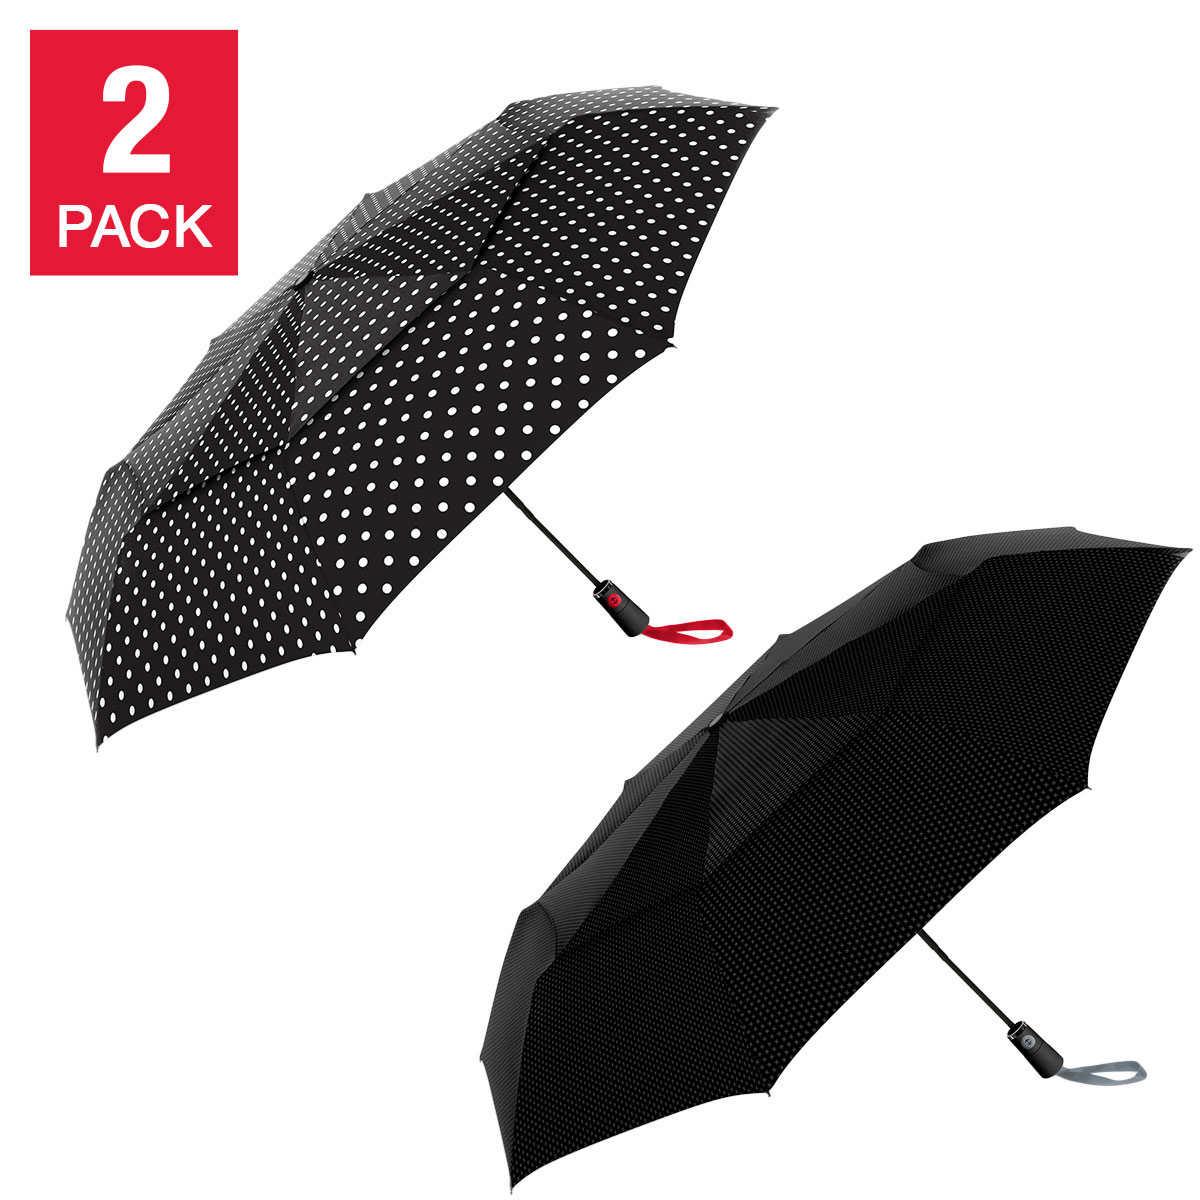 ab23de592be0 Shedrain 2-pack Umbrella